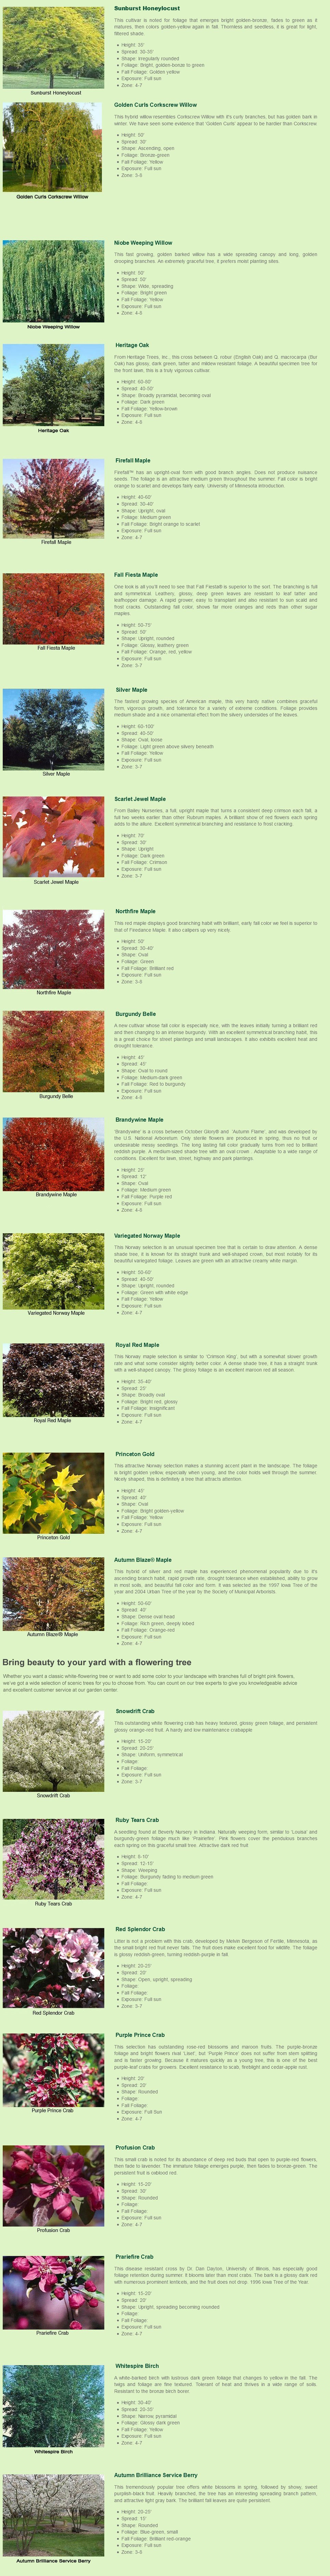 Shade trees | Stanley, WI | Reit's Garden Center | 715-644-2303